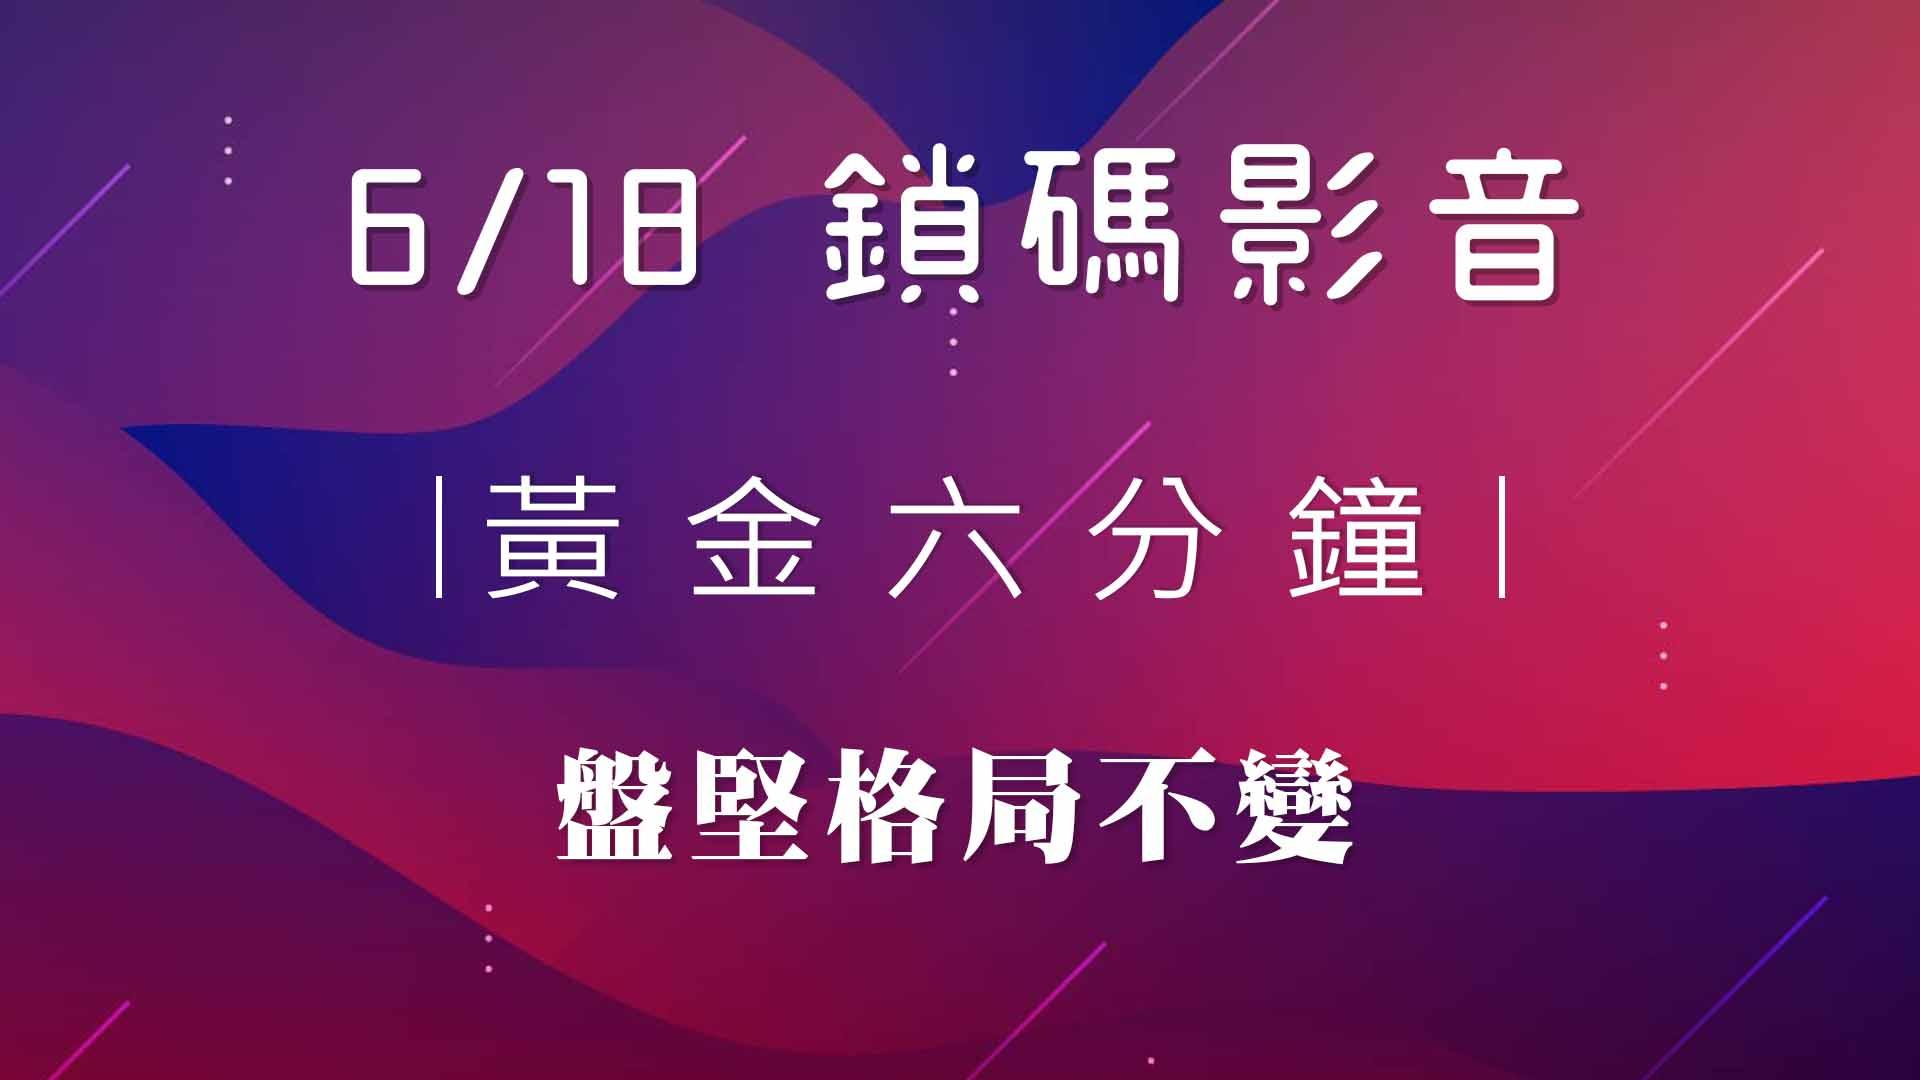 【王曈2021/06/18】鎖碼影音(試看)